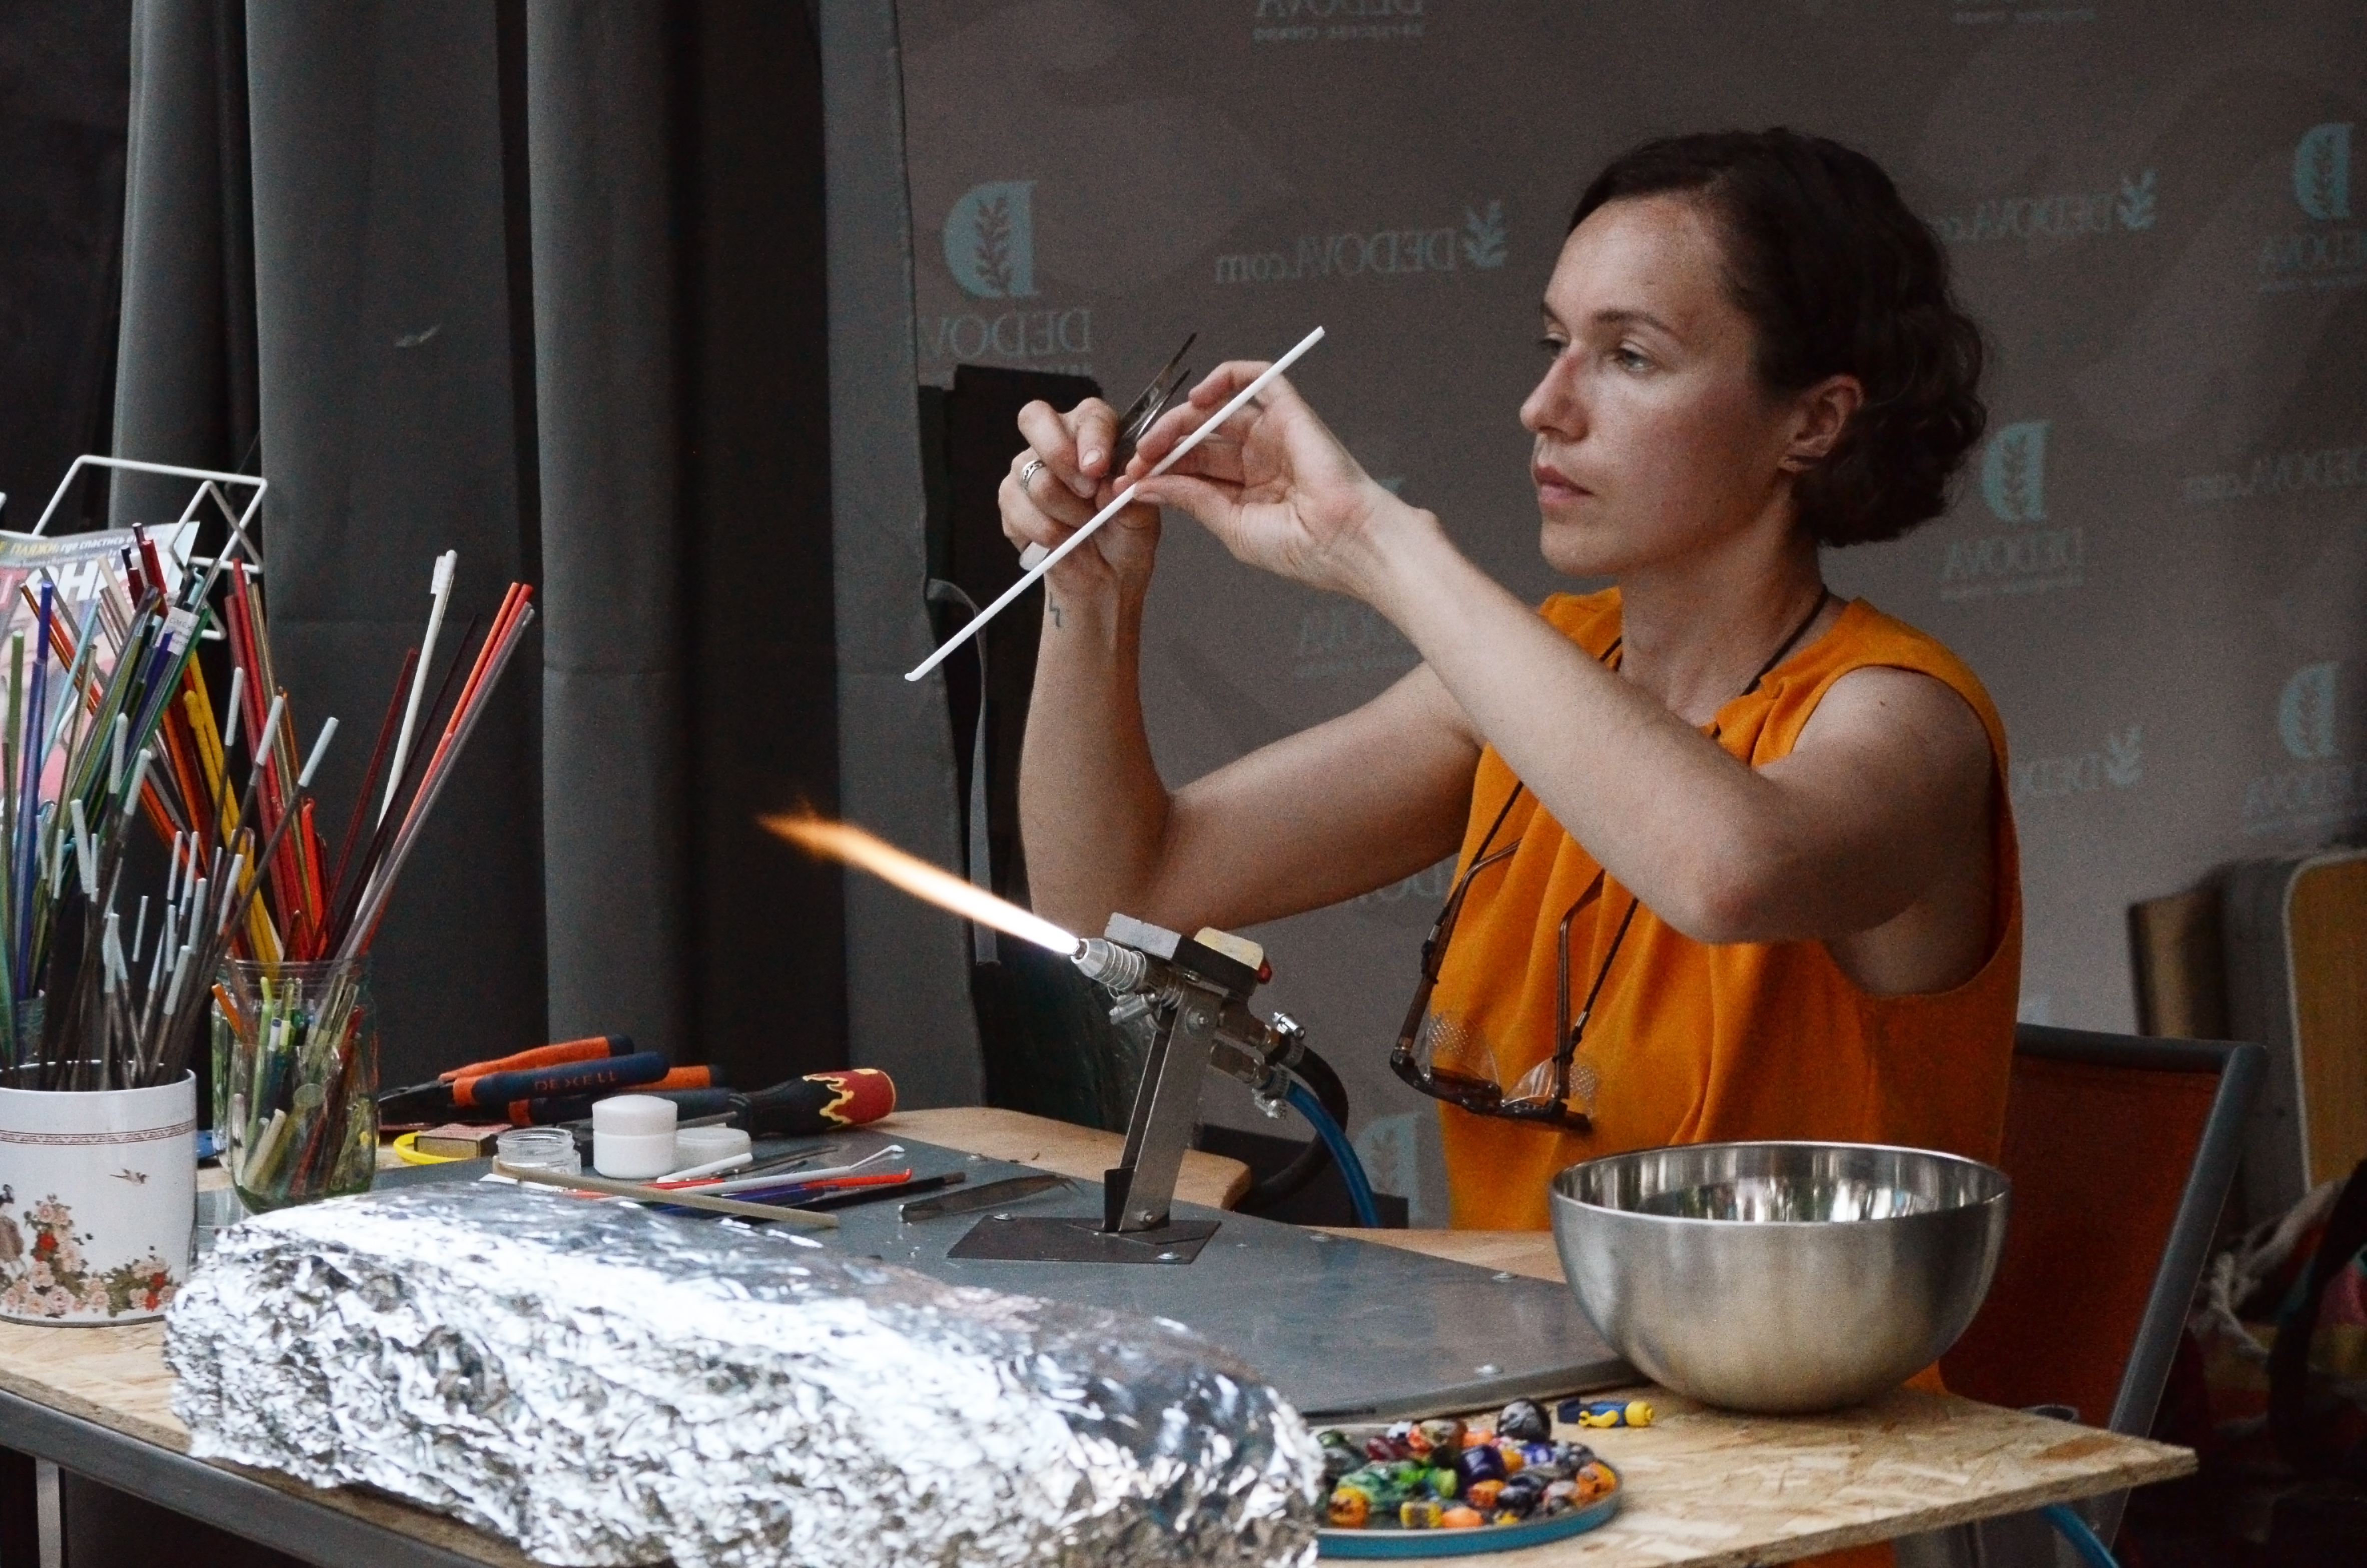 Людмила Дедова за процессом создания бусин из стекла (фото Марина Демченко)